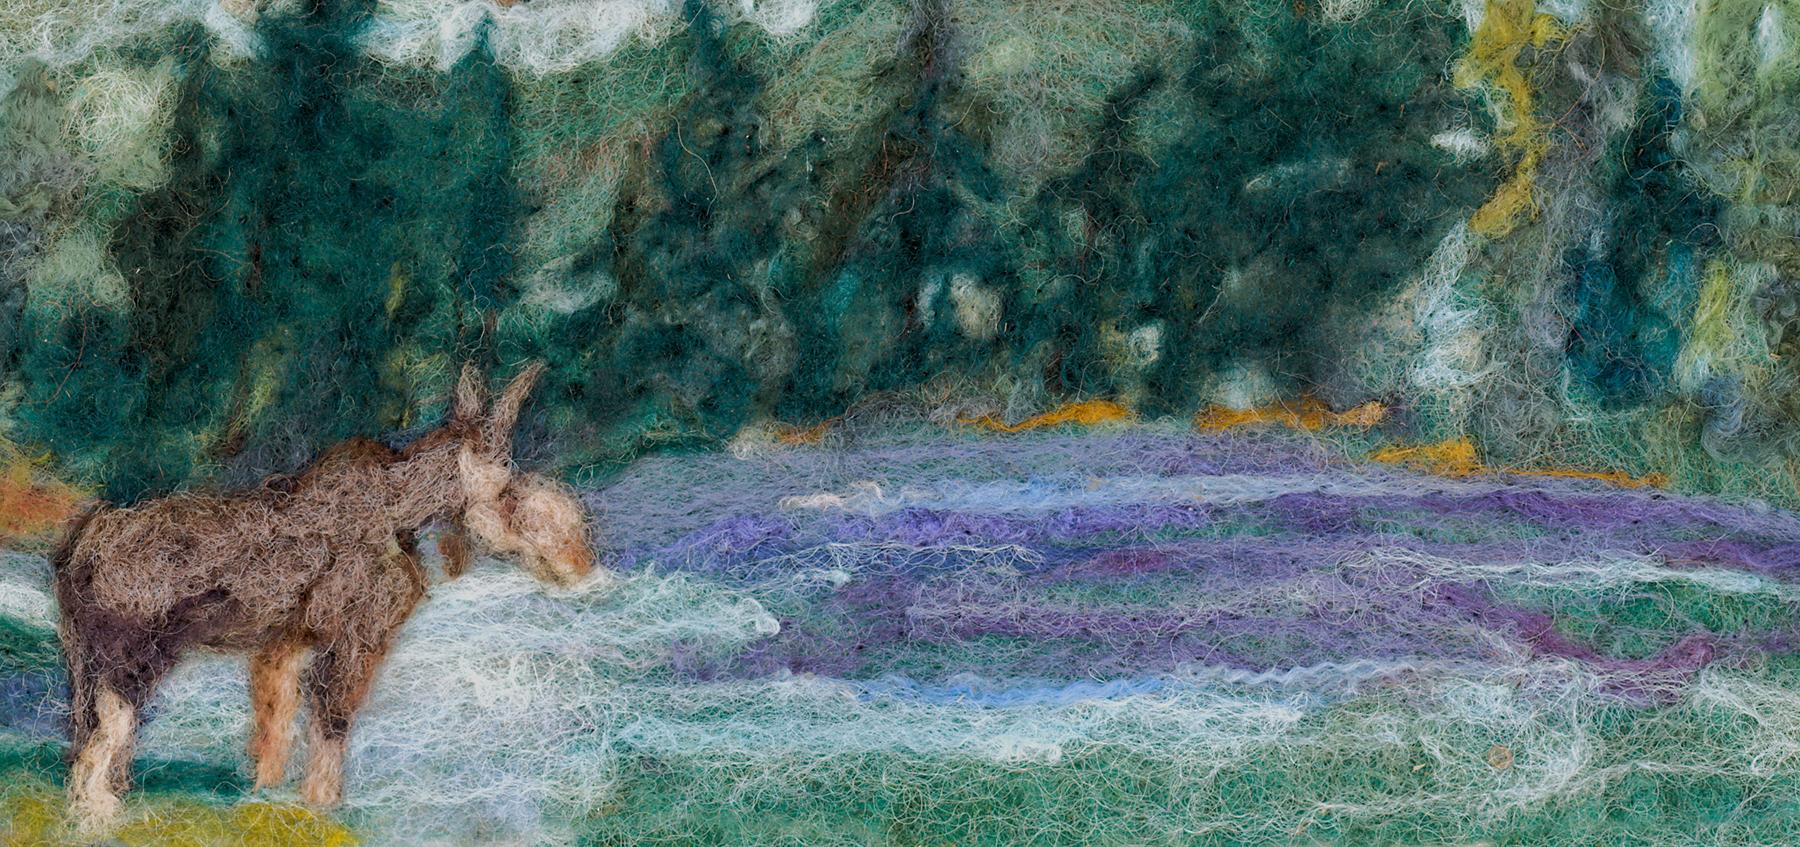 Moose-cropped_1.jpg